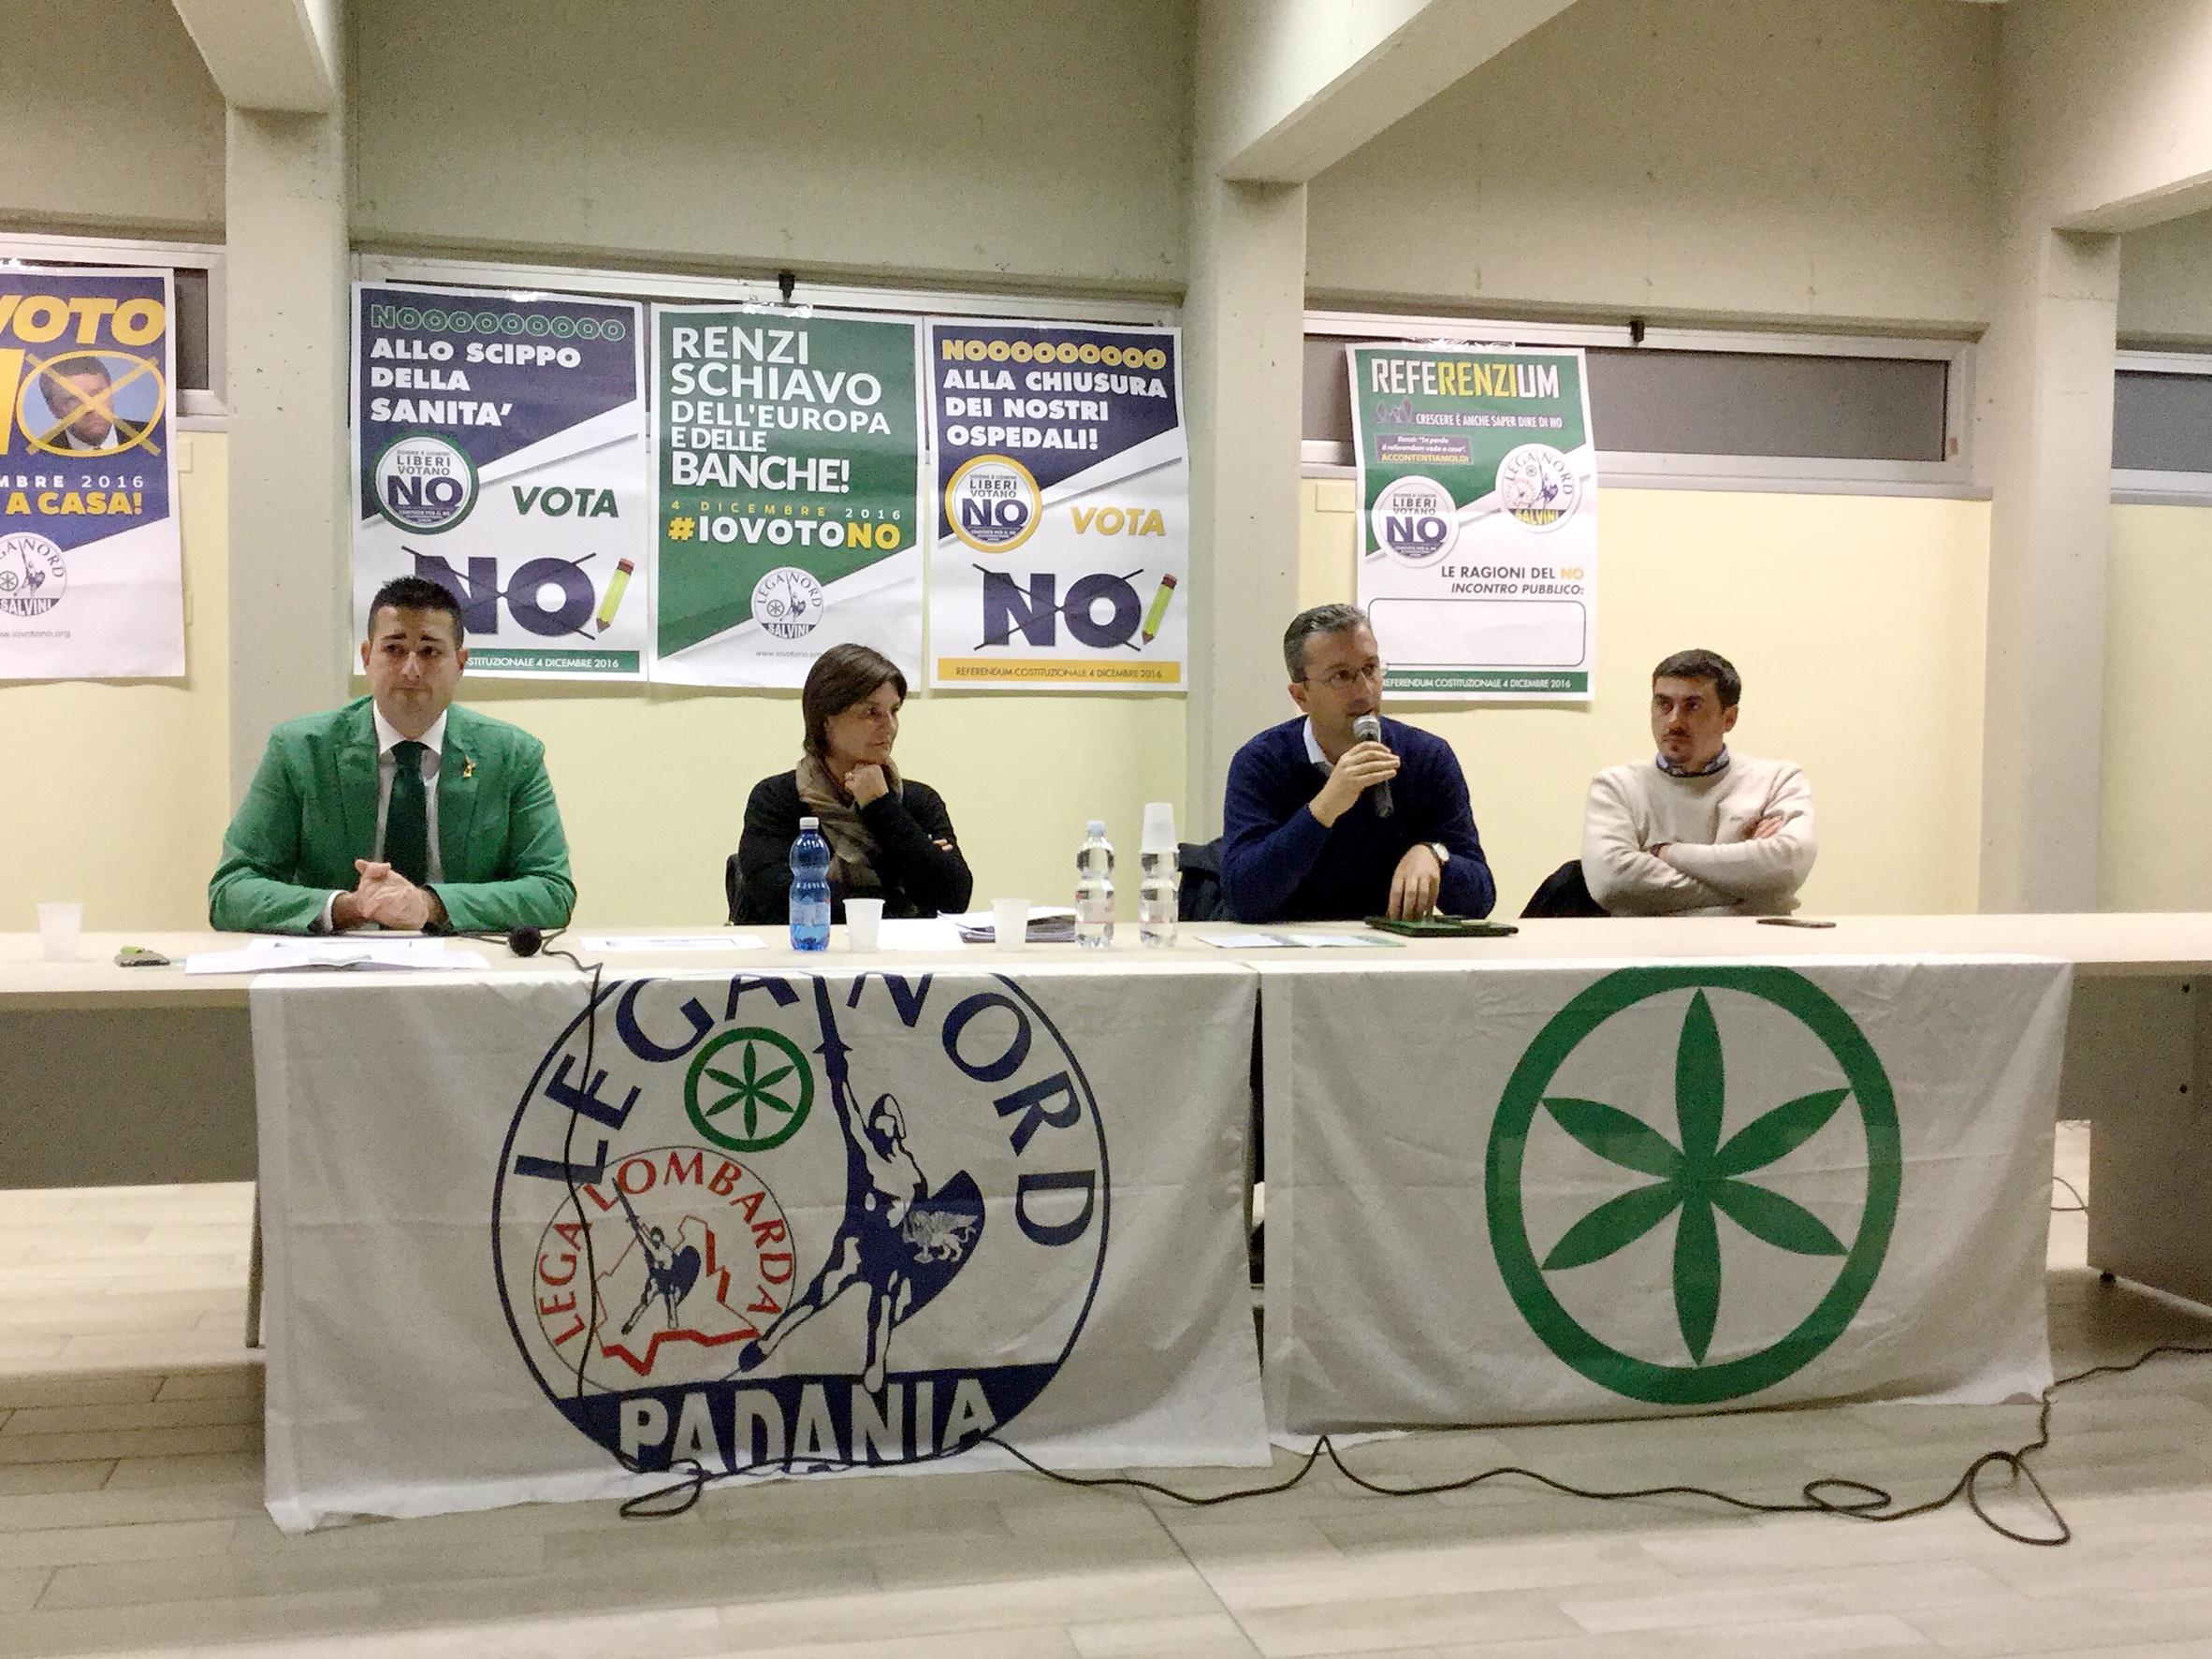 Roccafranca referendum